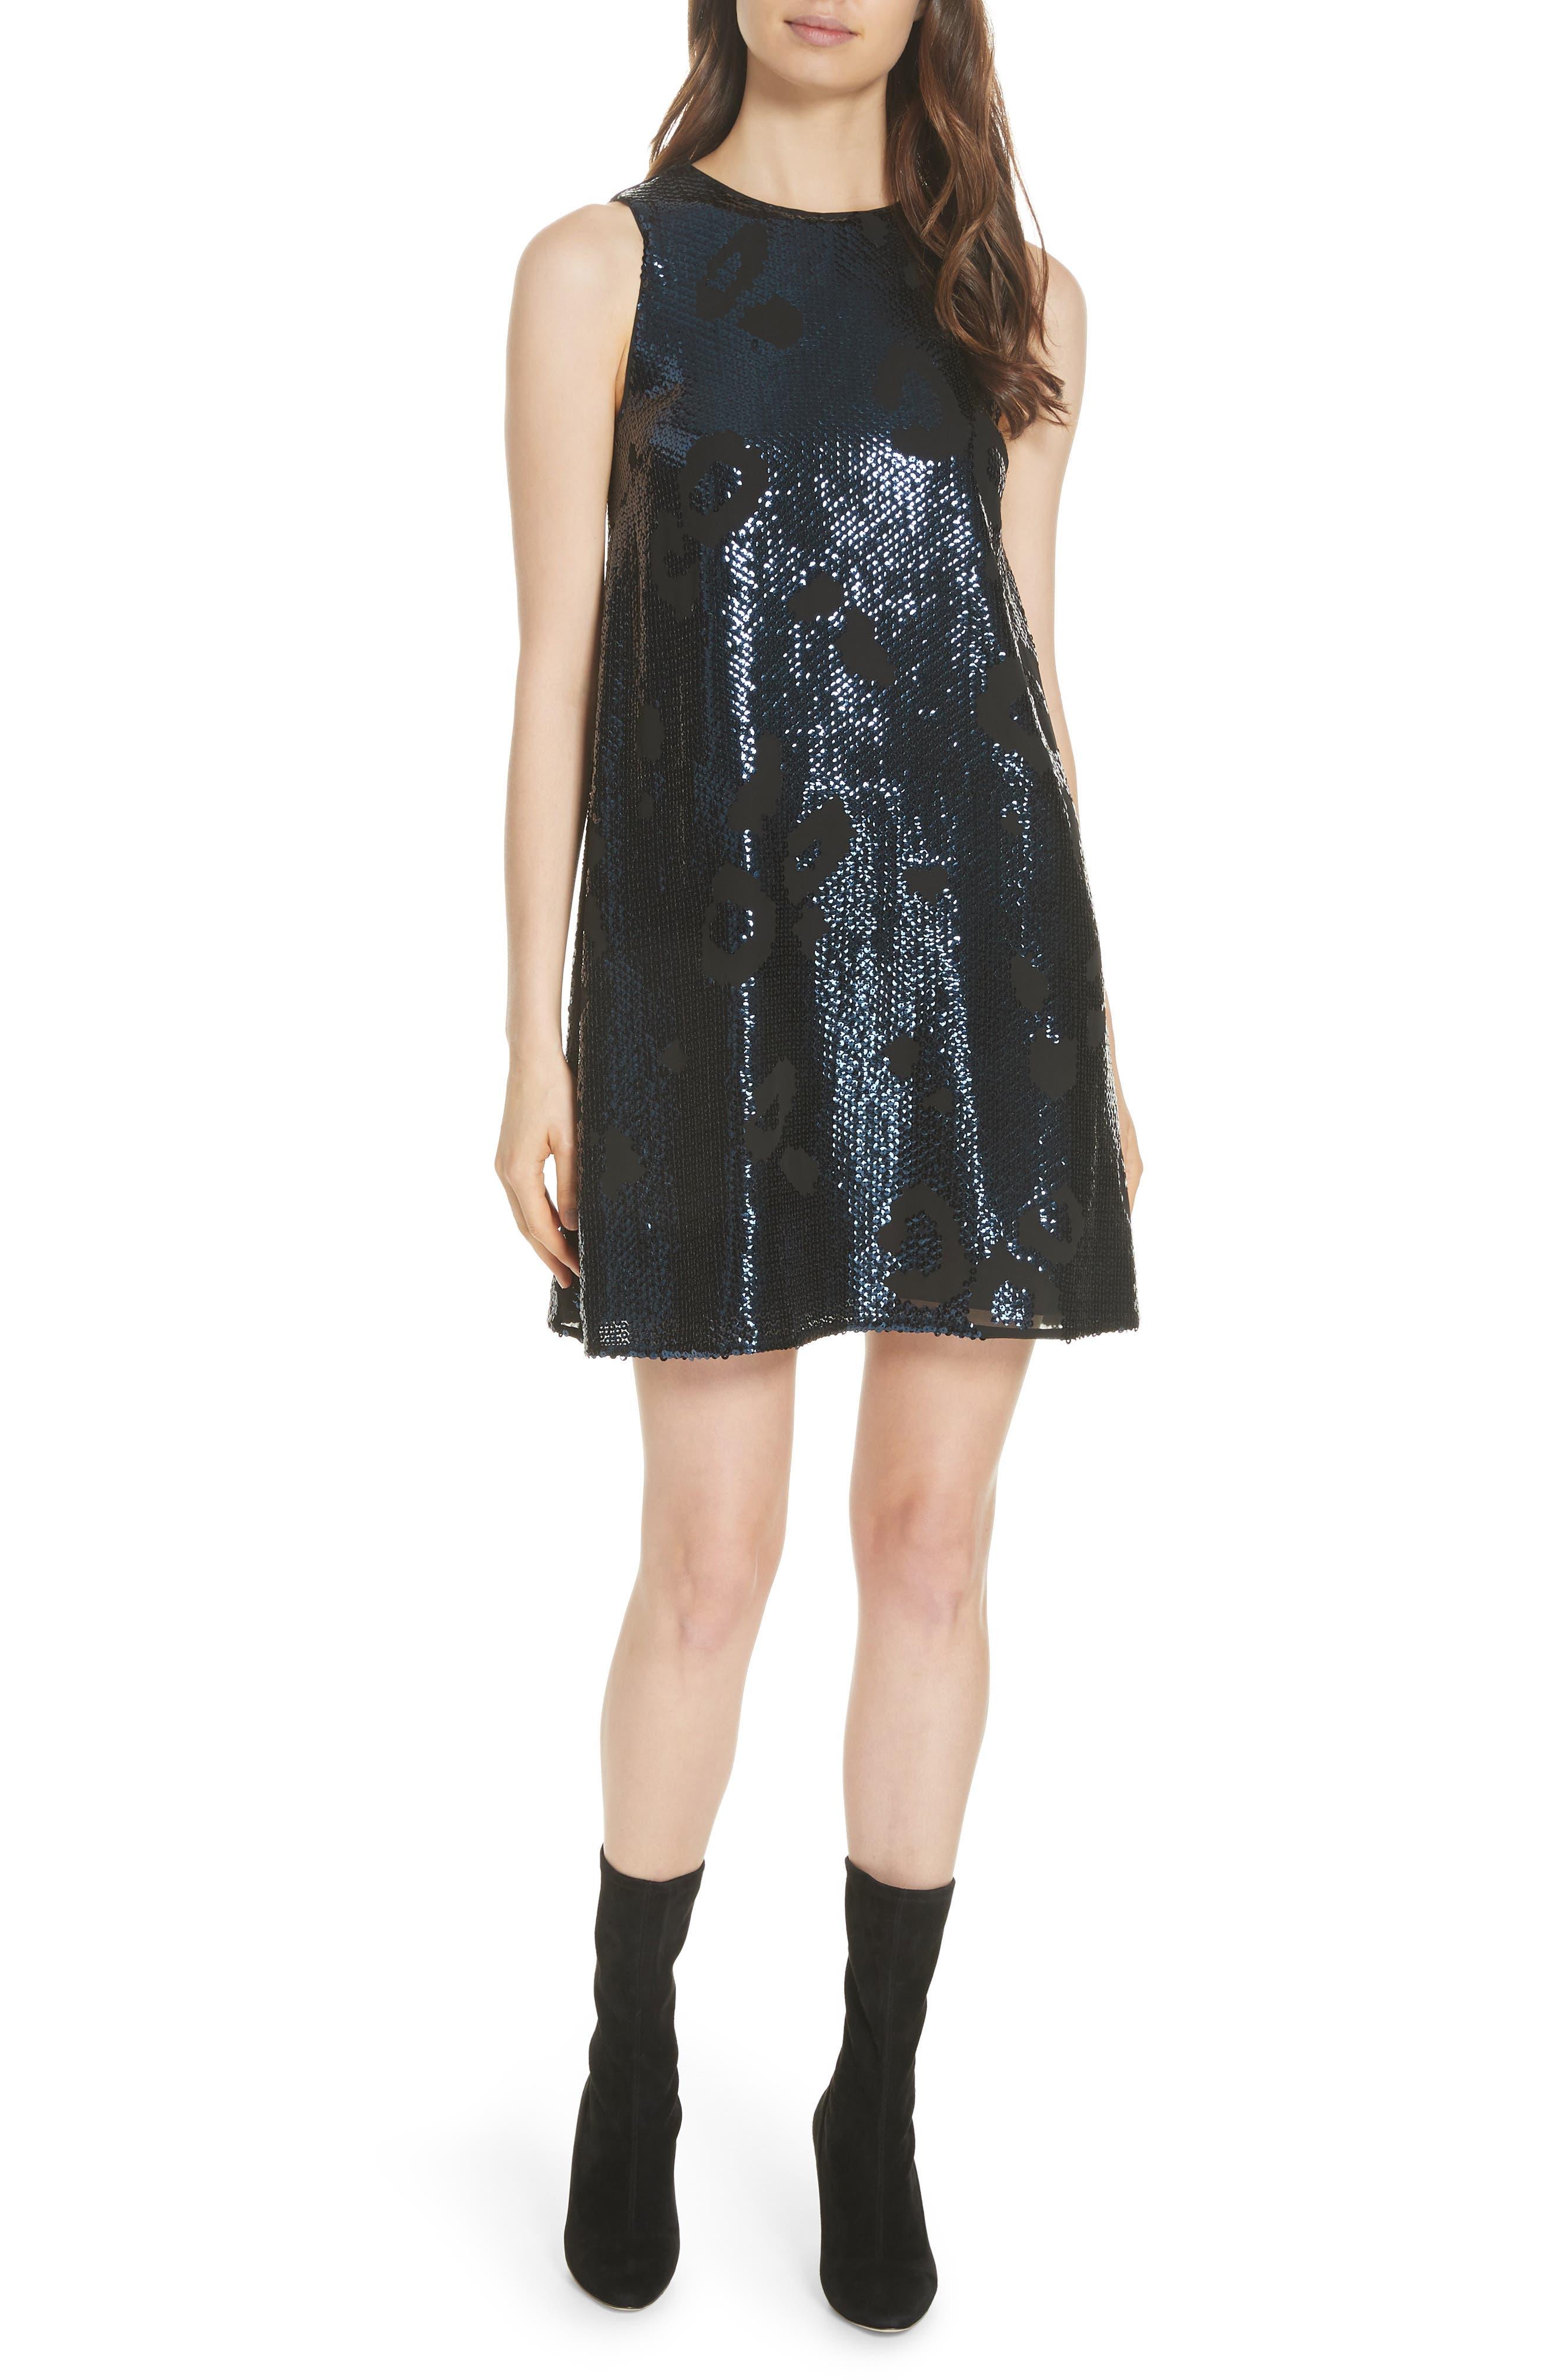 leopard sequin shift dress,                             Main thumbnail 1, color,                             LIGHT ADRIATIC BLUE